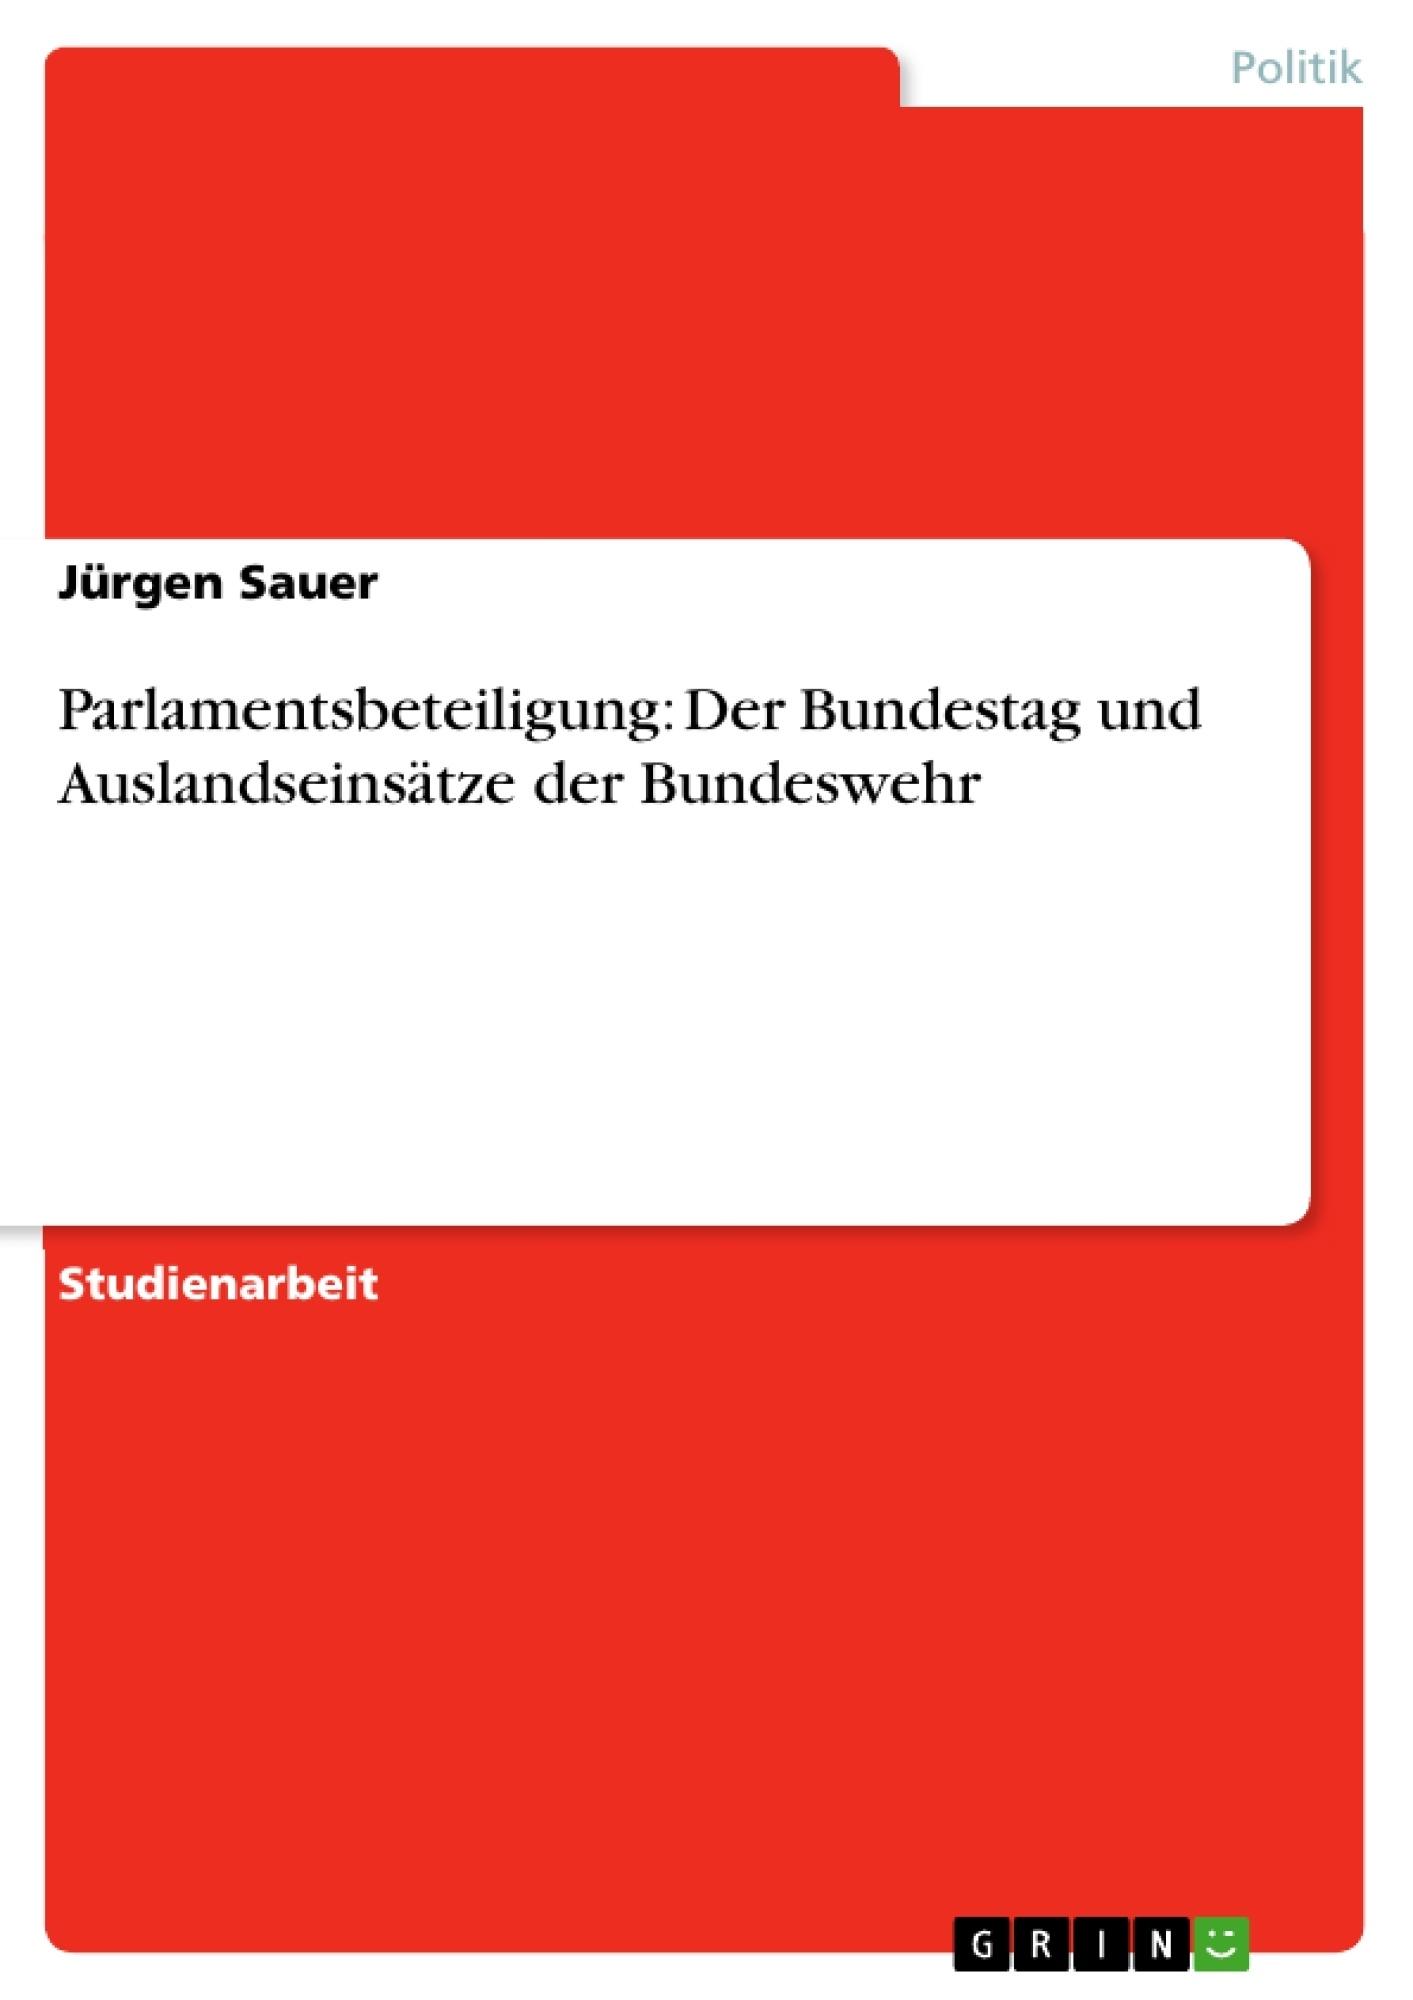 Titel: Parlamentsbeteiligung: Der Bundestag und Auslandseinsätze der Bundeswehr